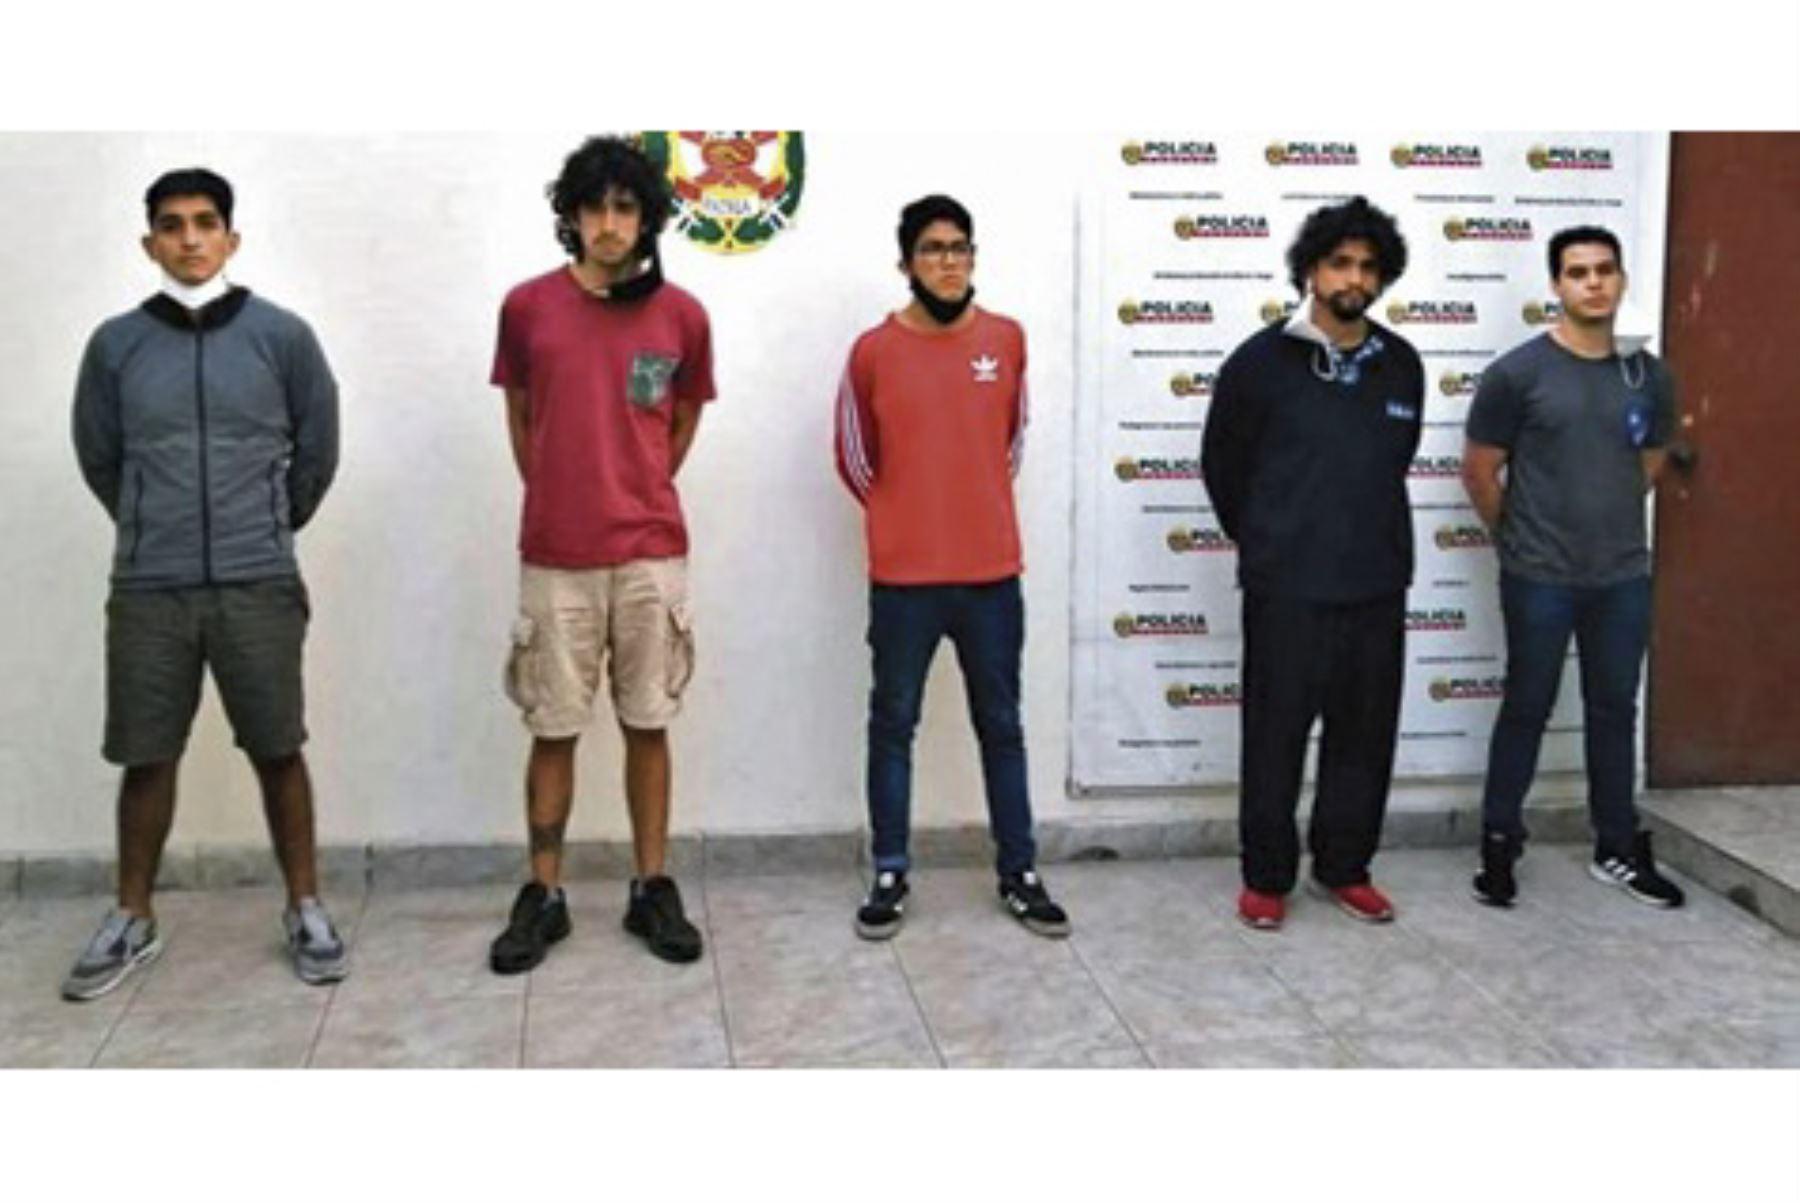 Estos son los cinco acusados de violar sexualmente a una joven de 21 años en una vivienda de Surco. ANDINA/Difusión